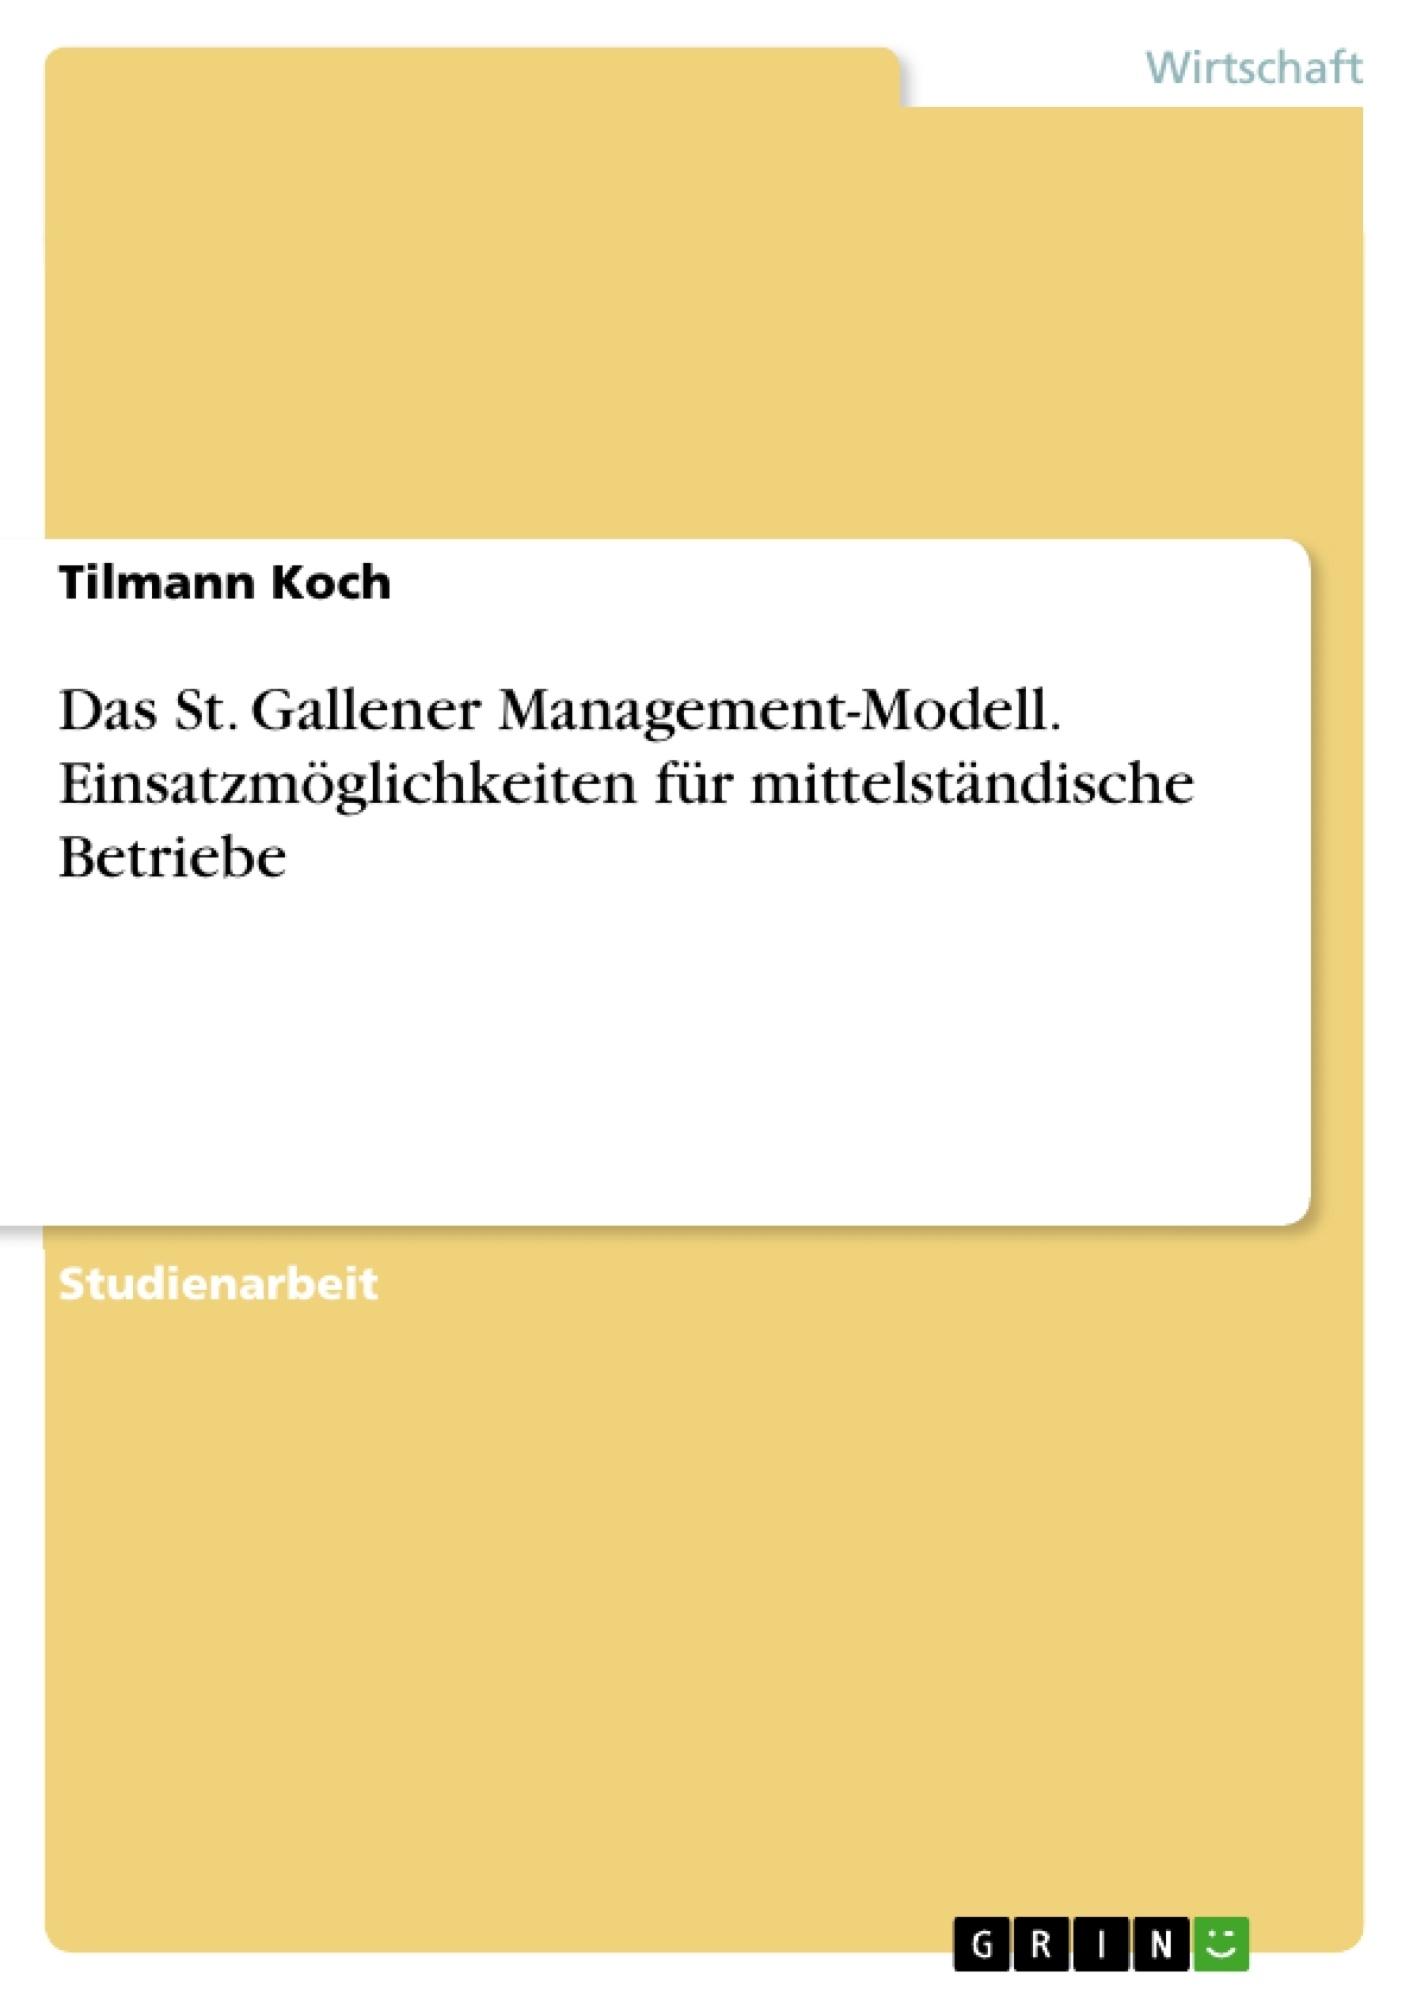 Titel: Das St. Gallener Management-Modell. Einsatzmöglichkeiten für mittelständische Betriebe